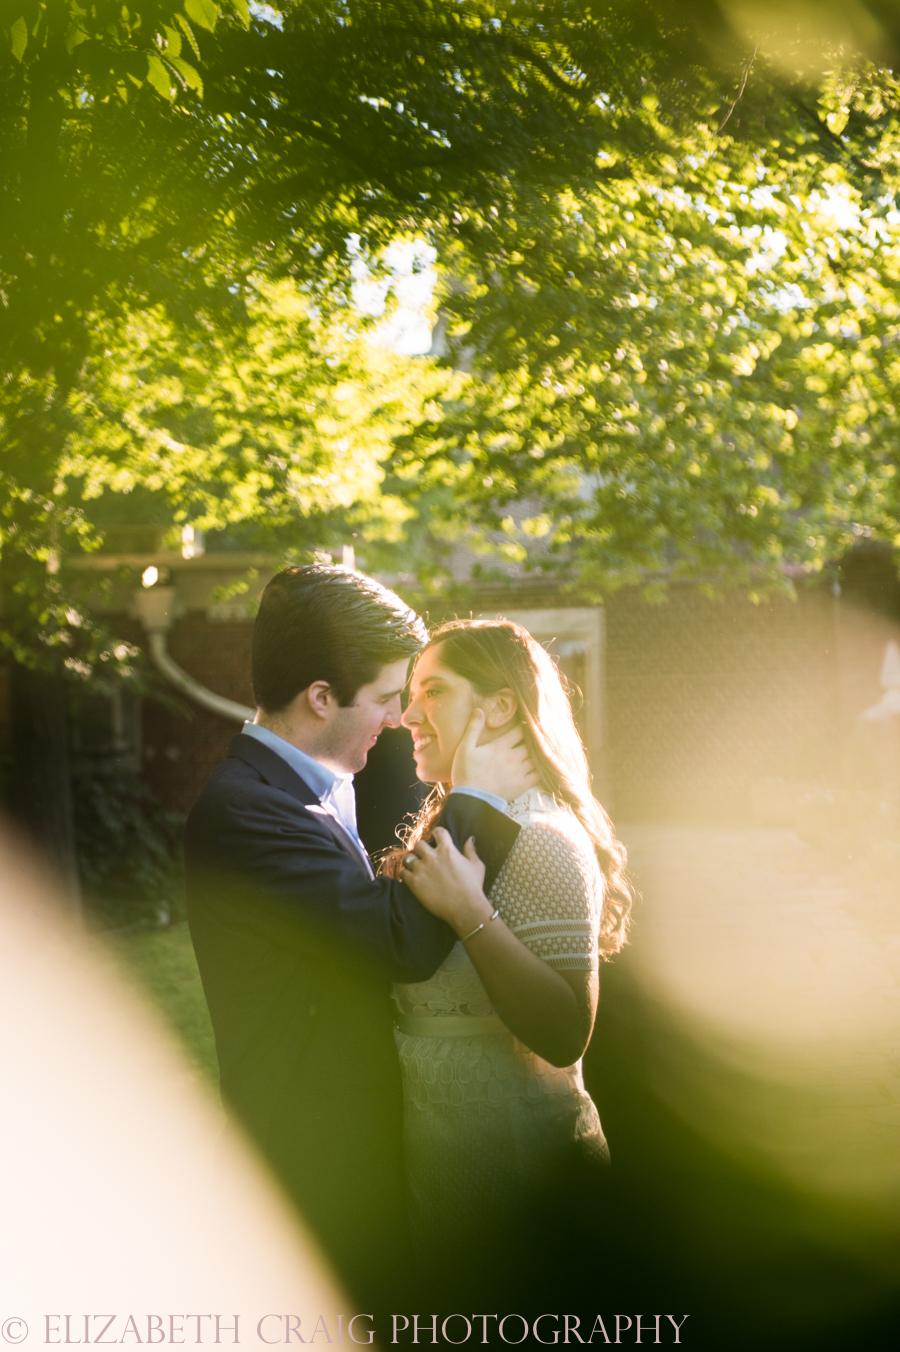 pittsburgh-engagement-photographer-mellon-park-engagement-sessions-elizabeth-craig-photography-004